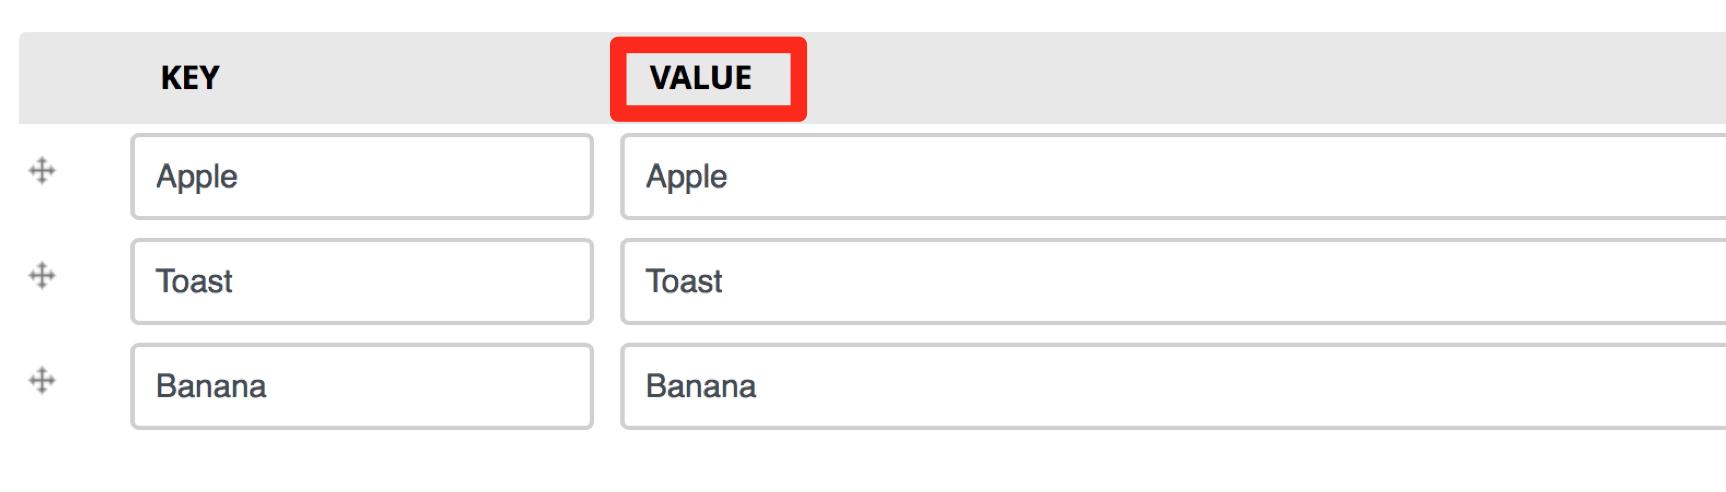 value-label